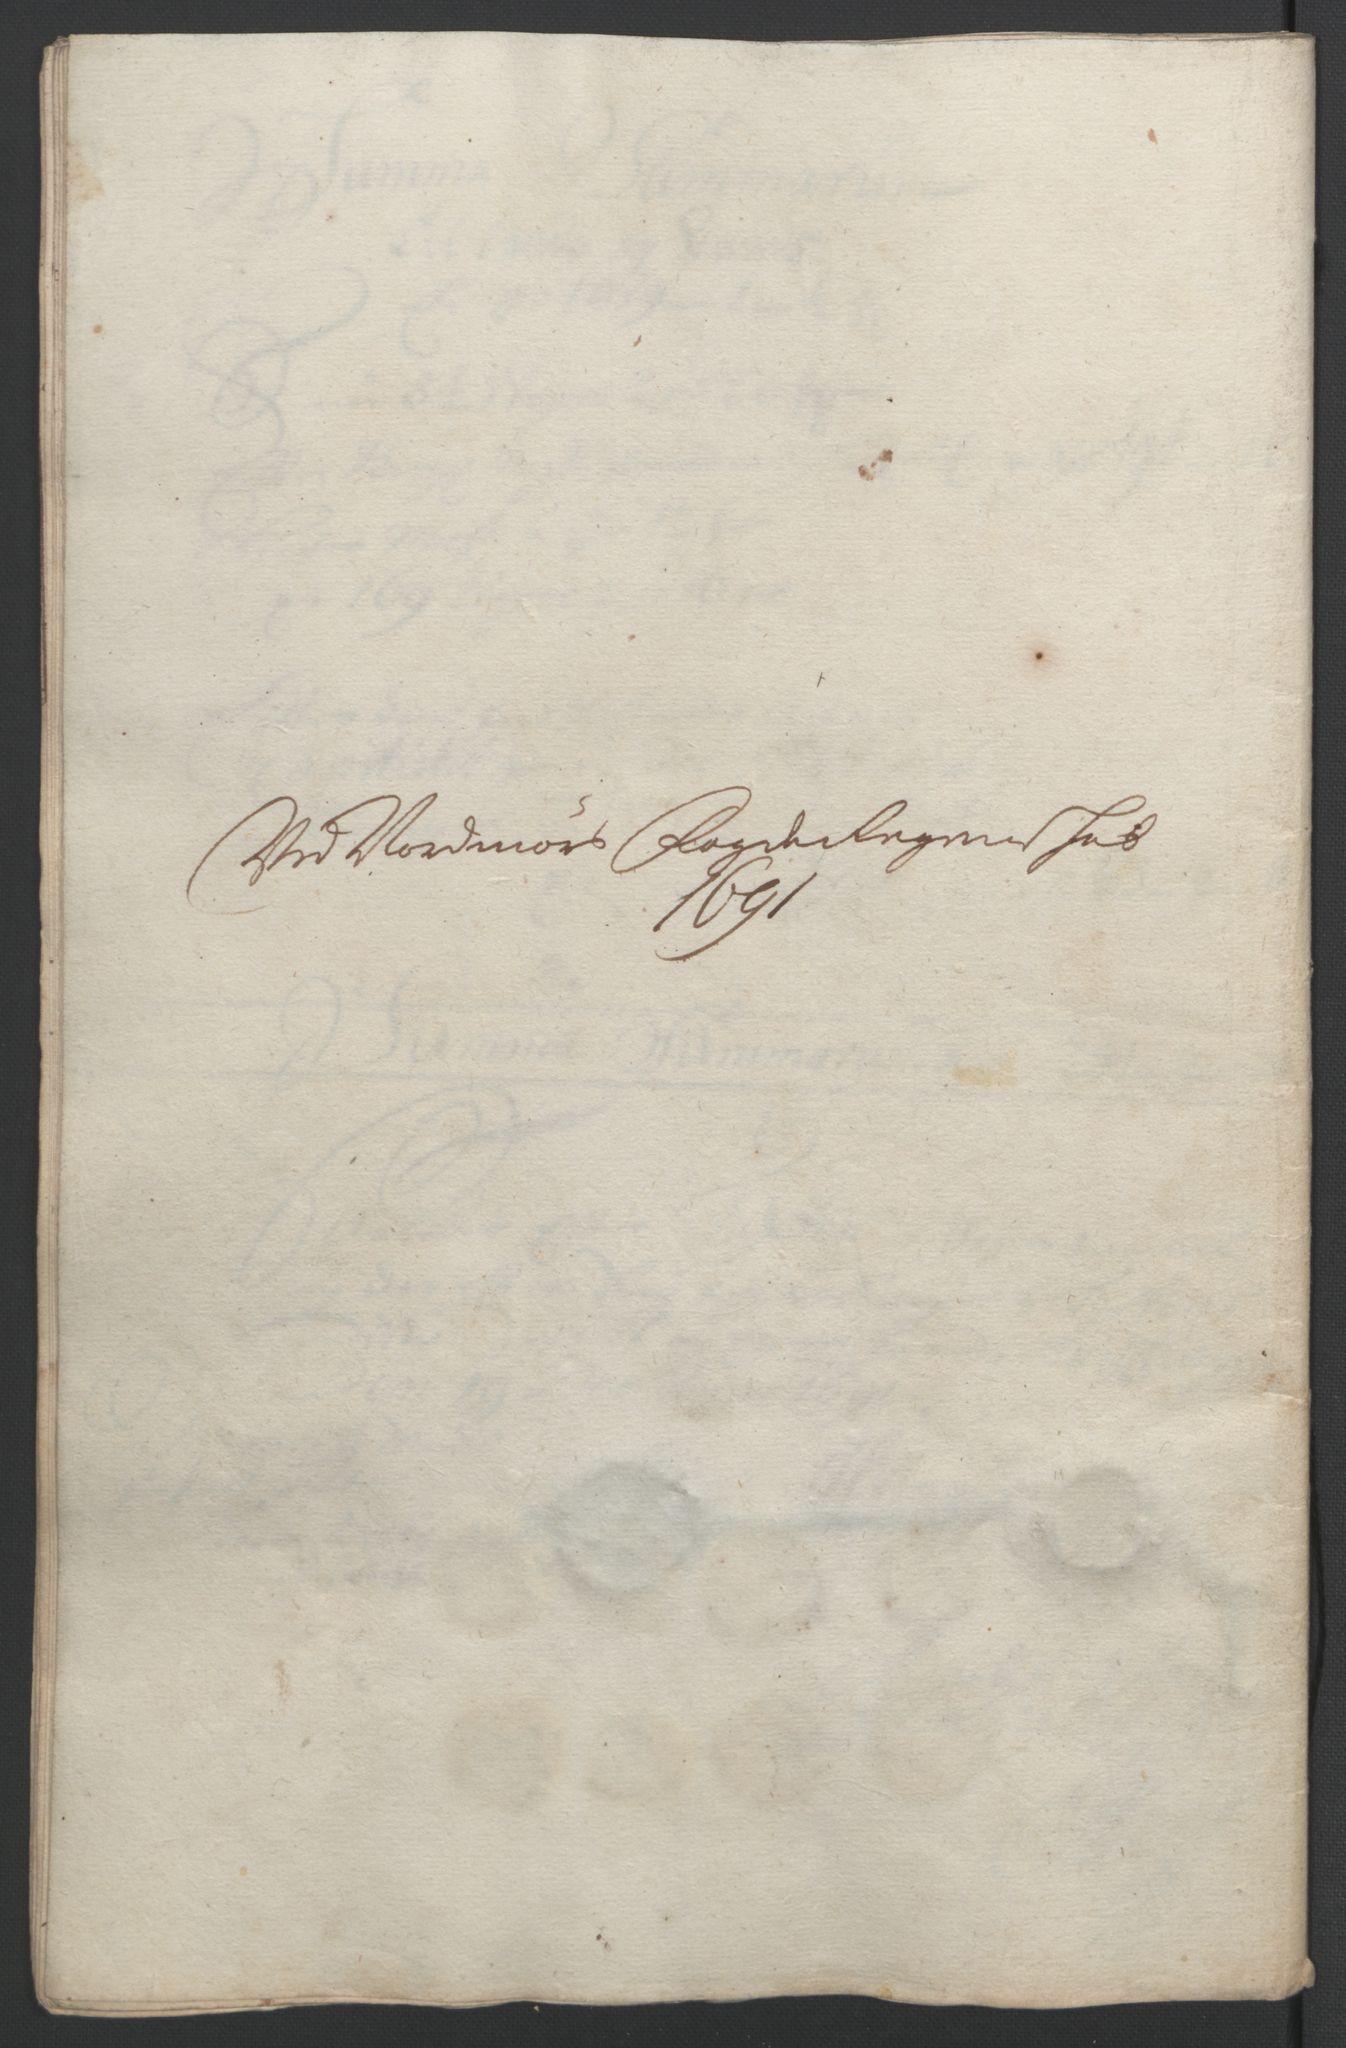 RA, Rentekammeret inntil 1814, Reviderte regnskaper, Fogderegnskap, R56/L3734: Fogderegnskap Nordmøre, 1690-1691, s. 388